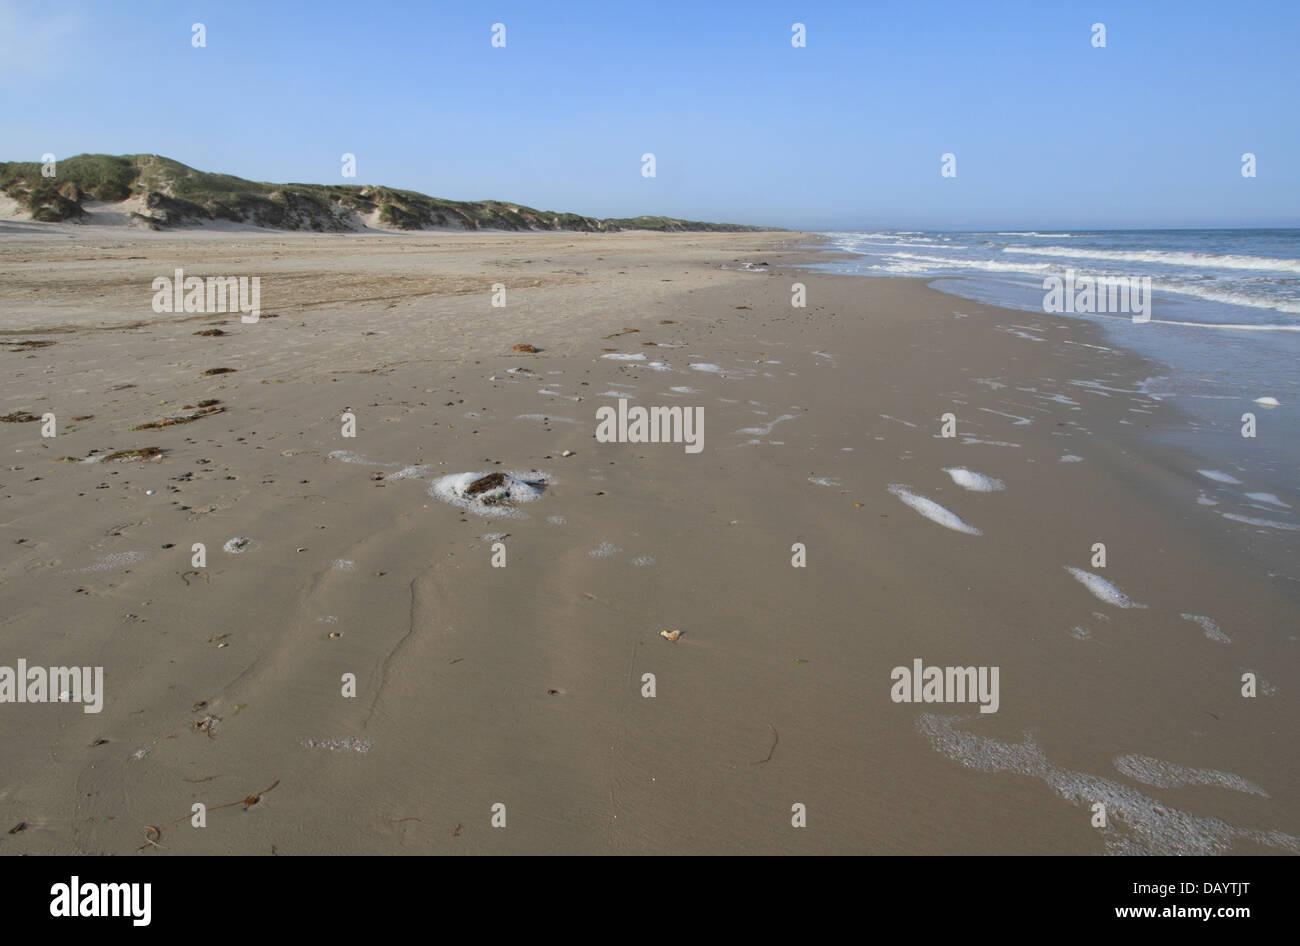 Wide, sandy beach at Blokhus, Denmark - Stock Image